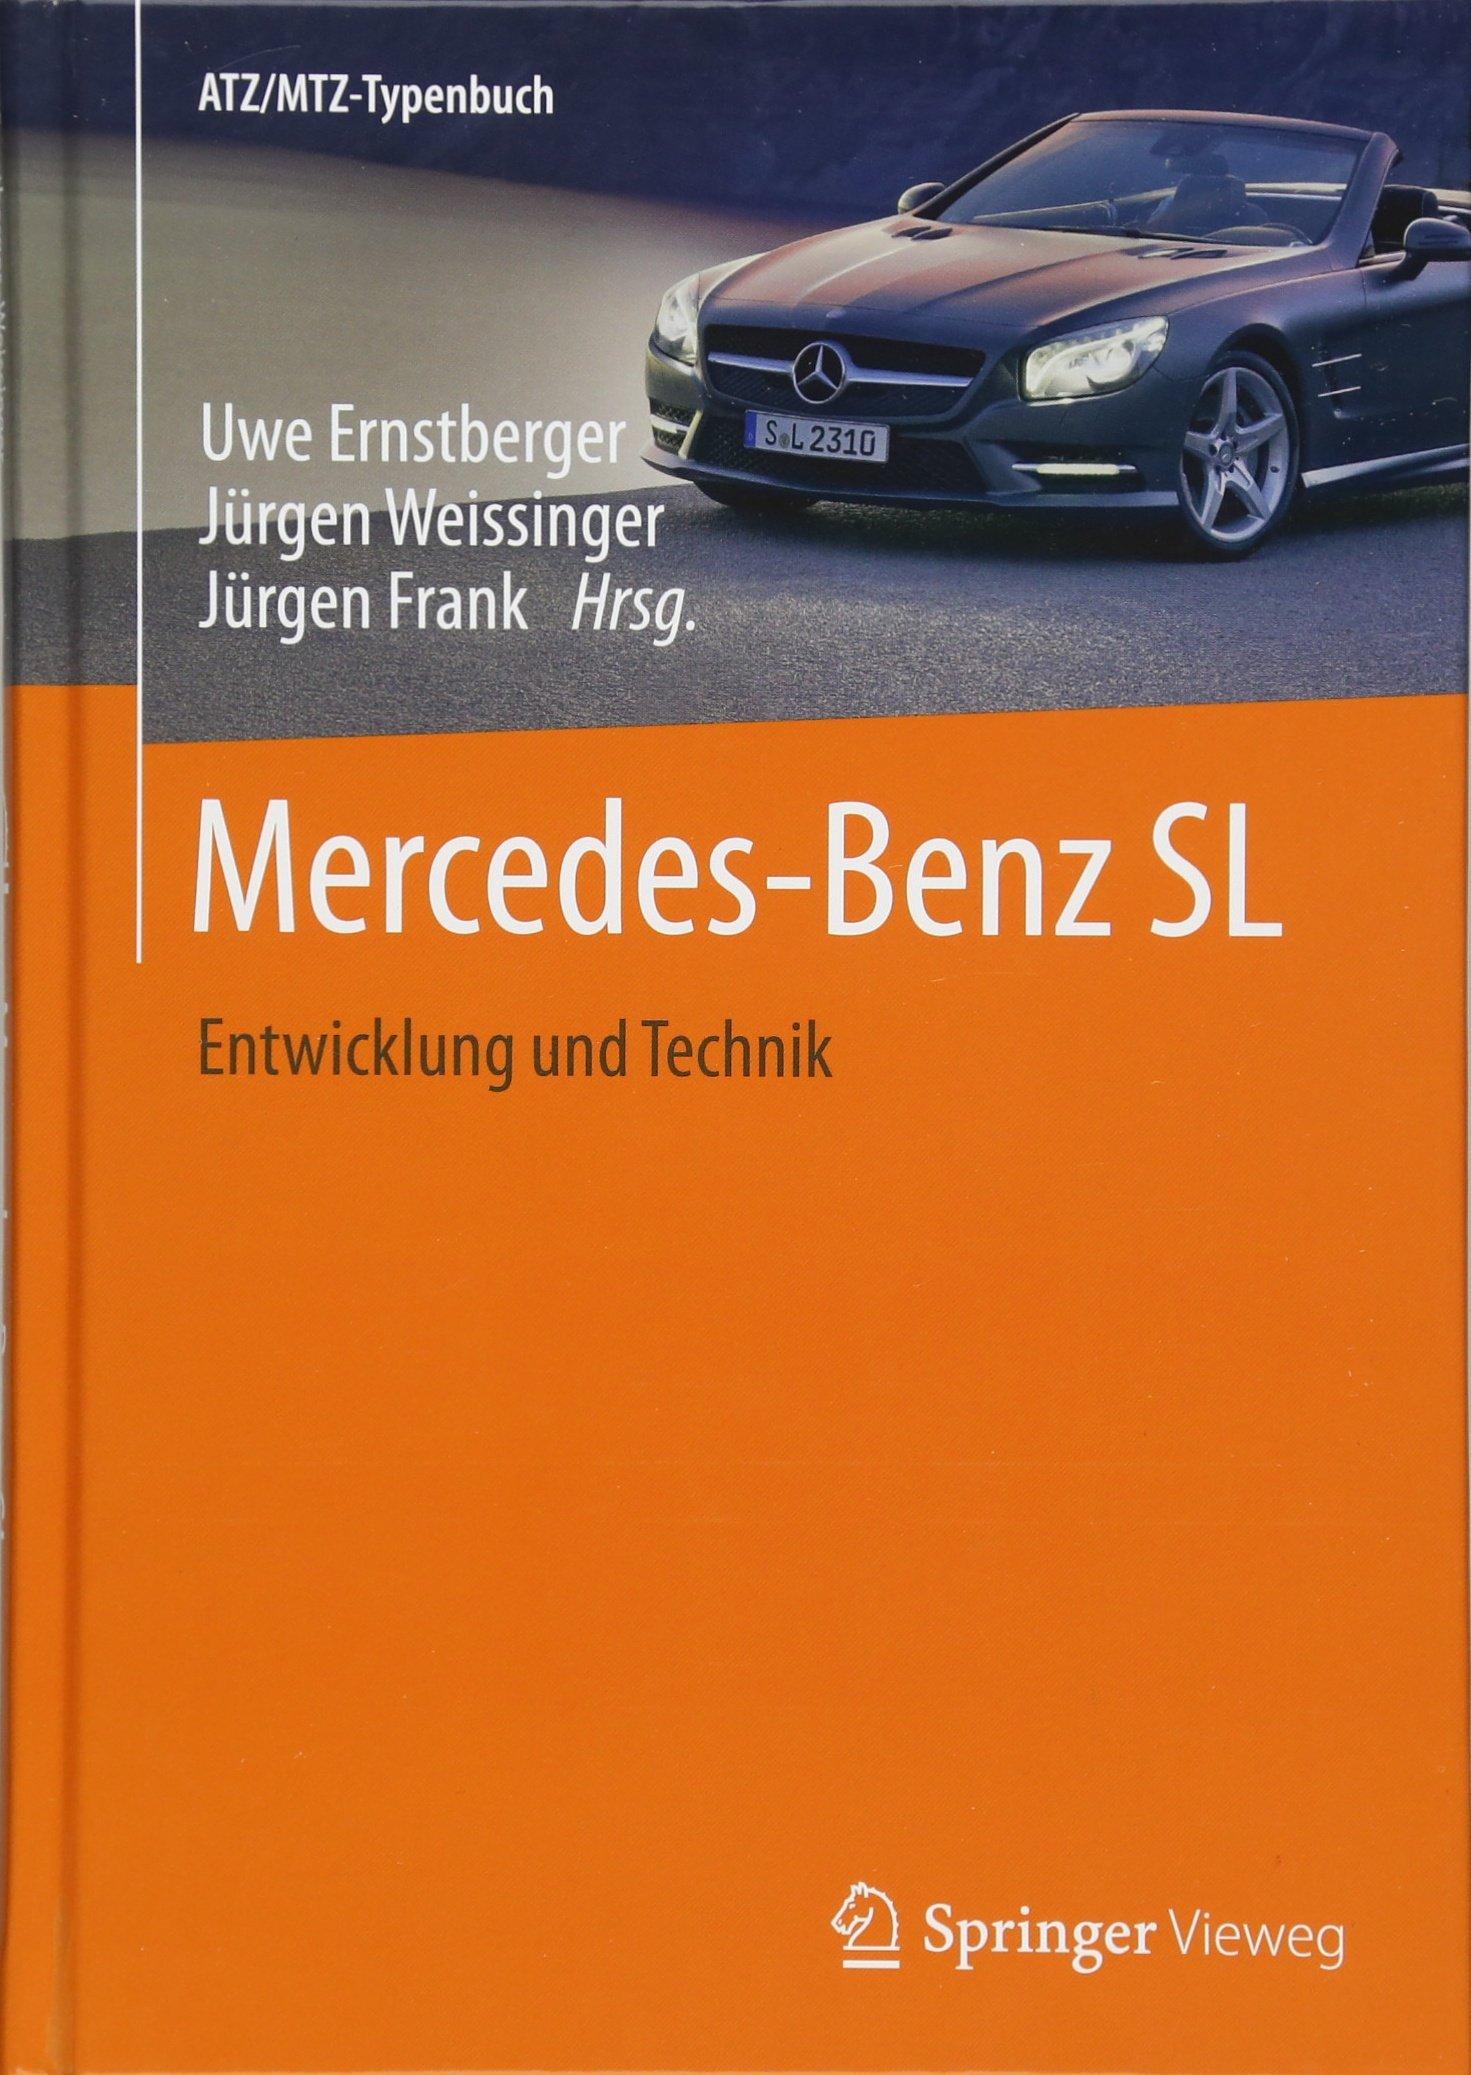 Mercedes-Benz SL: Entwicklung und Technik (ATZ/MTZ-Typenbuch)